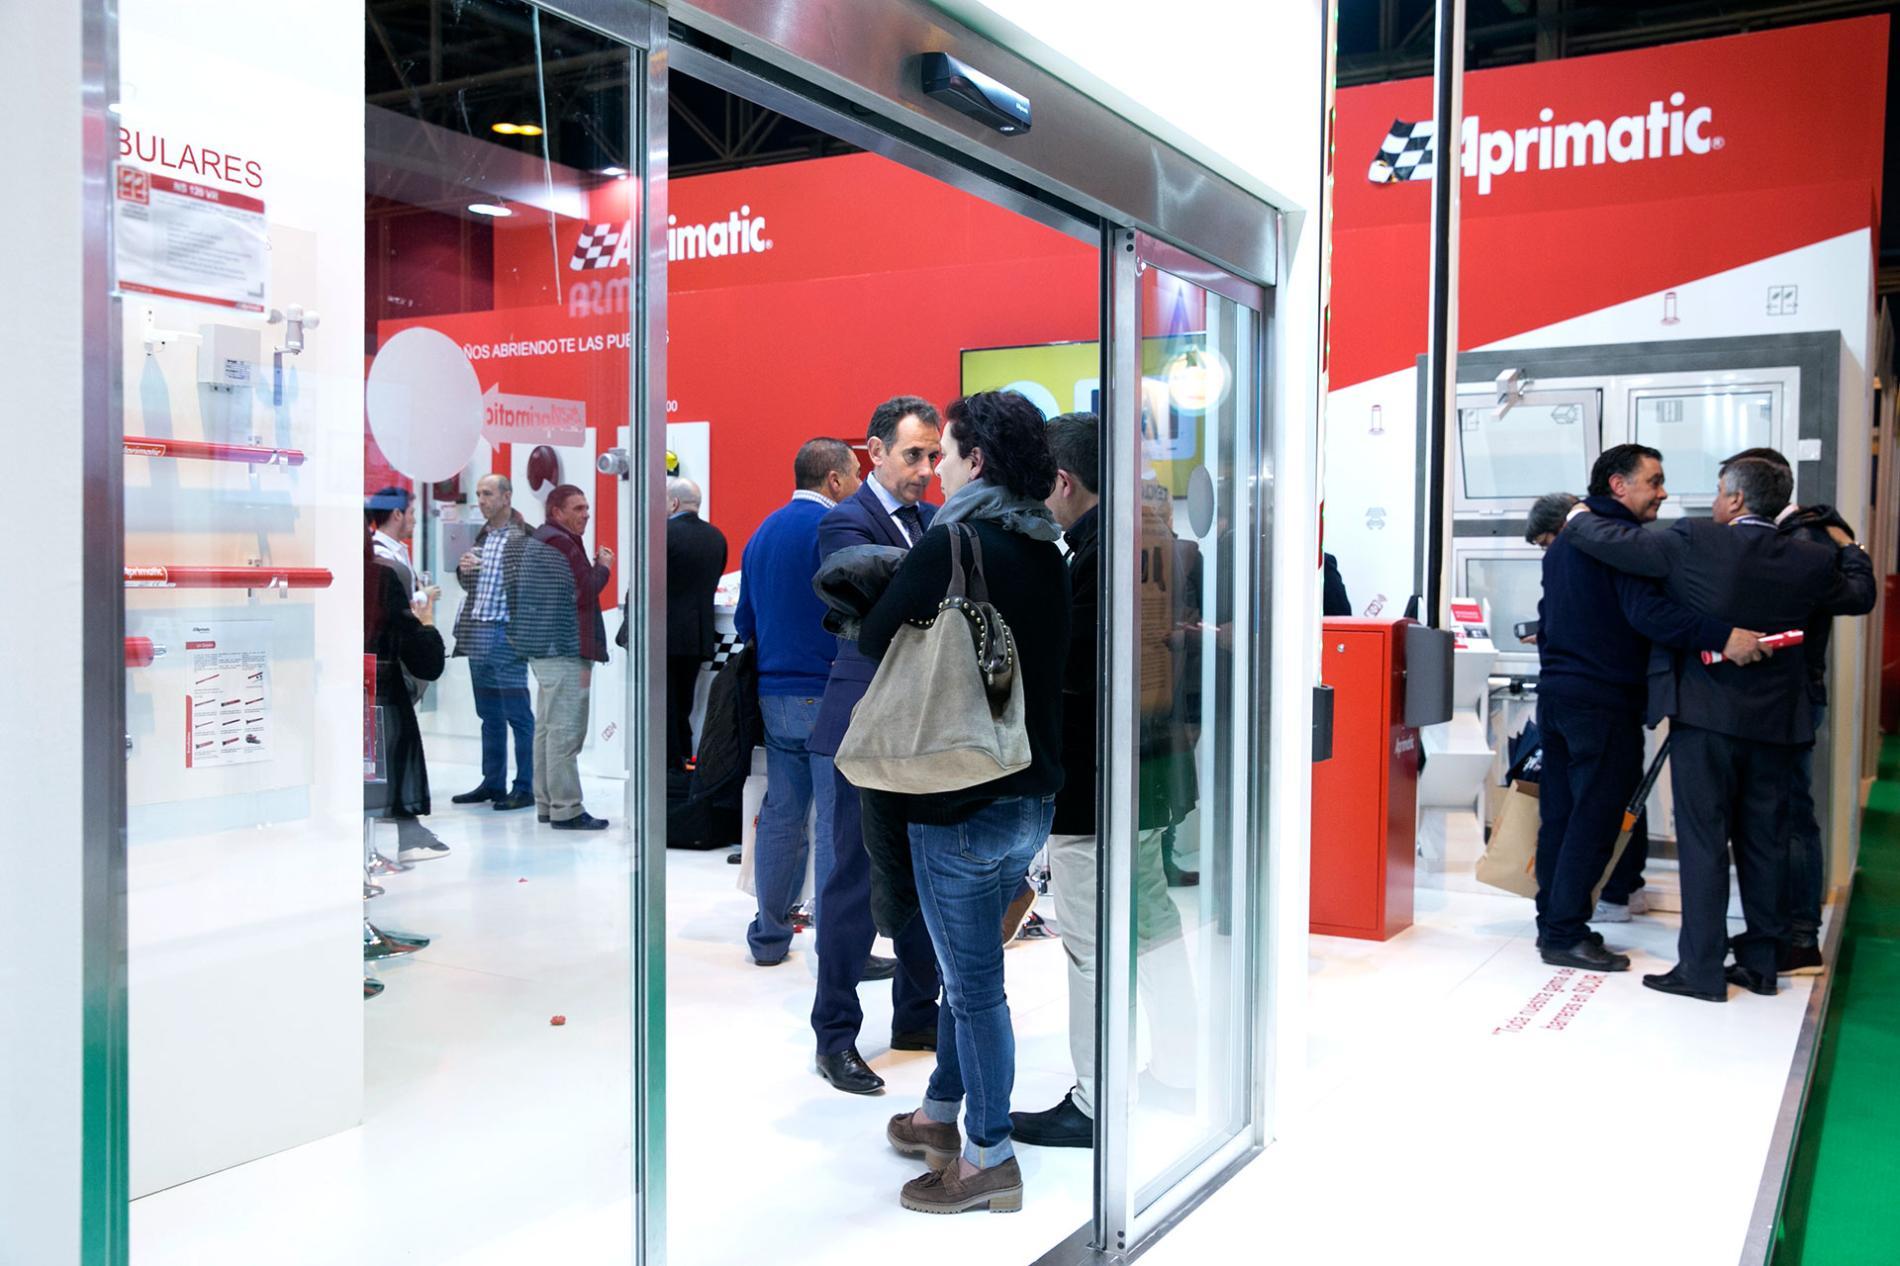 SMARTDOORS exhibitor